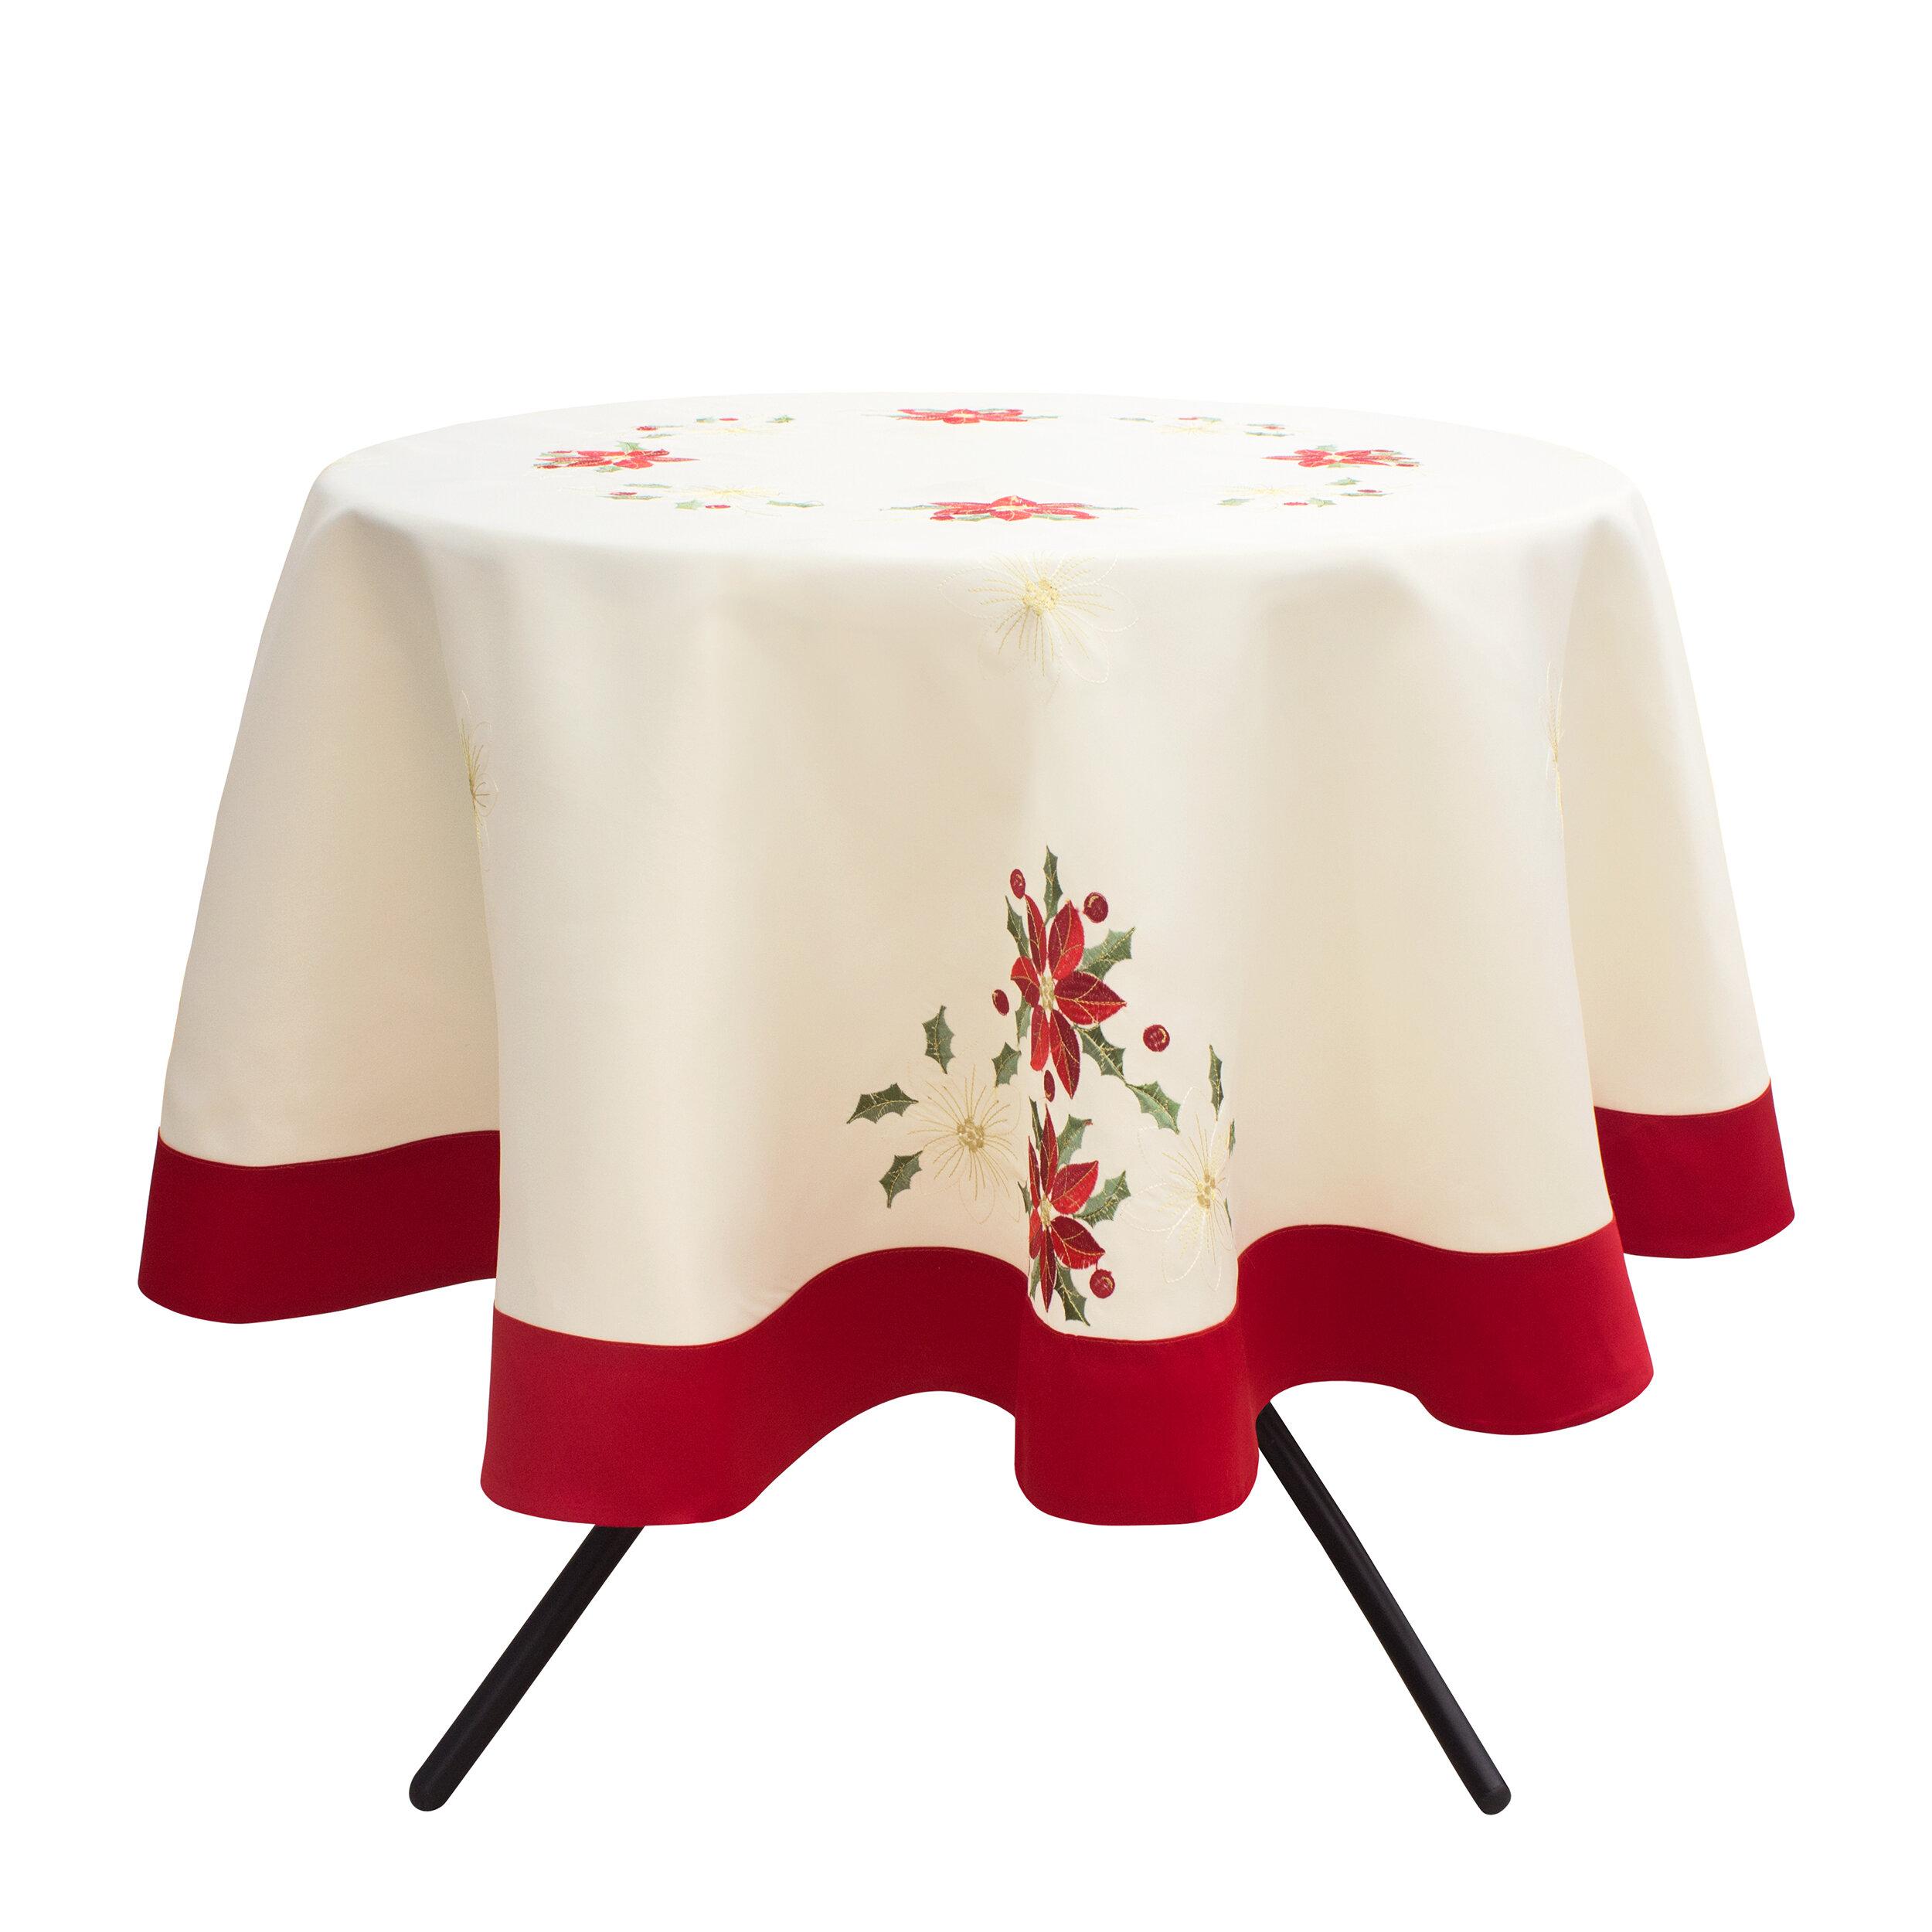 The Holiday Aisle Holiday Poinsettia Tablecloth | Wayfair